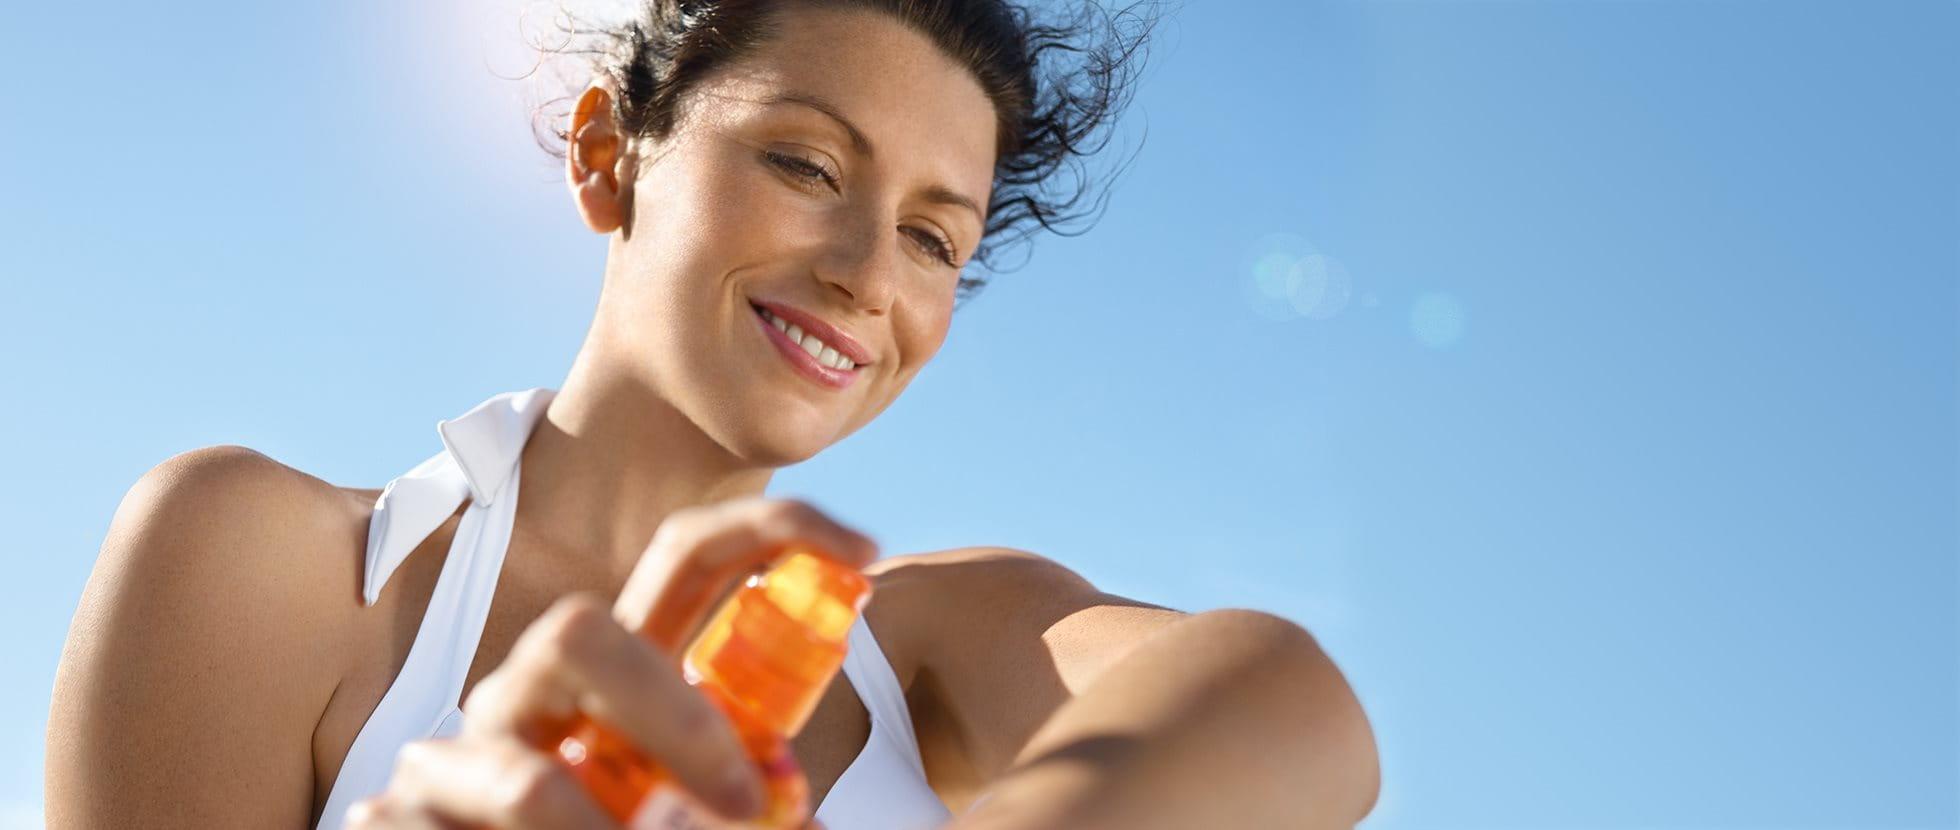 Frau trägt Sonnenschutzmittel auf ihren Arm auf.